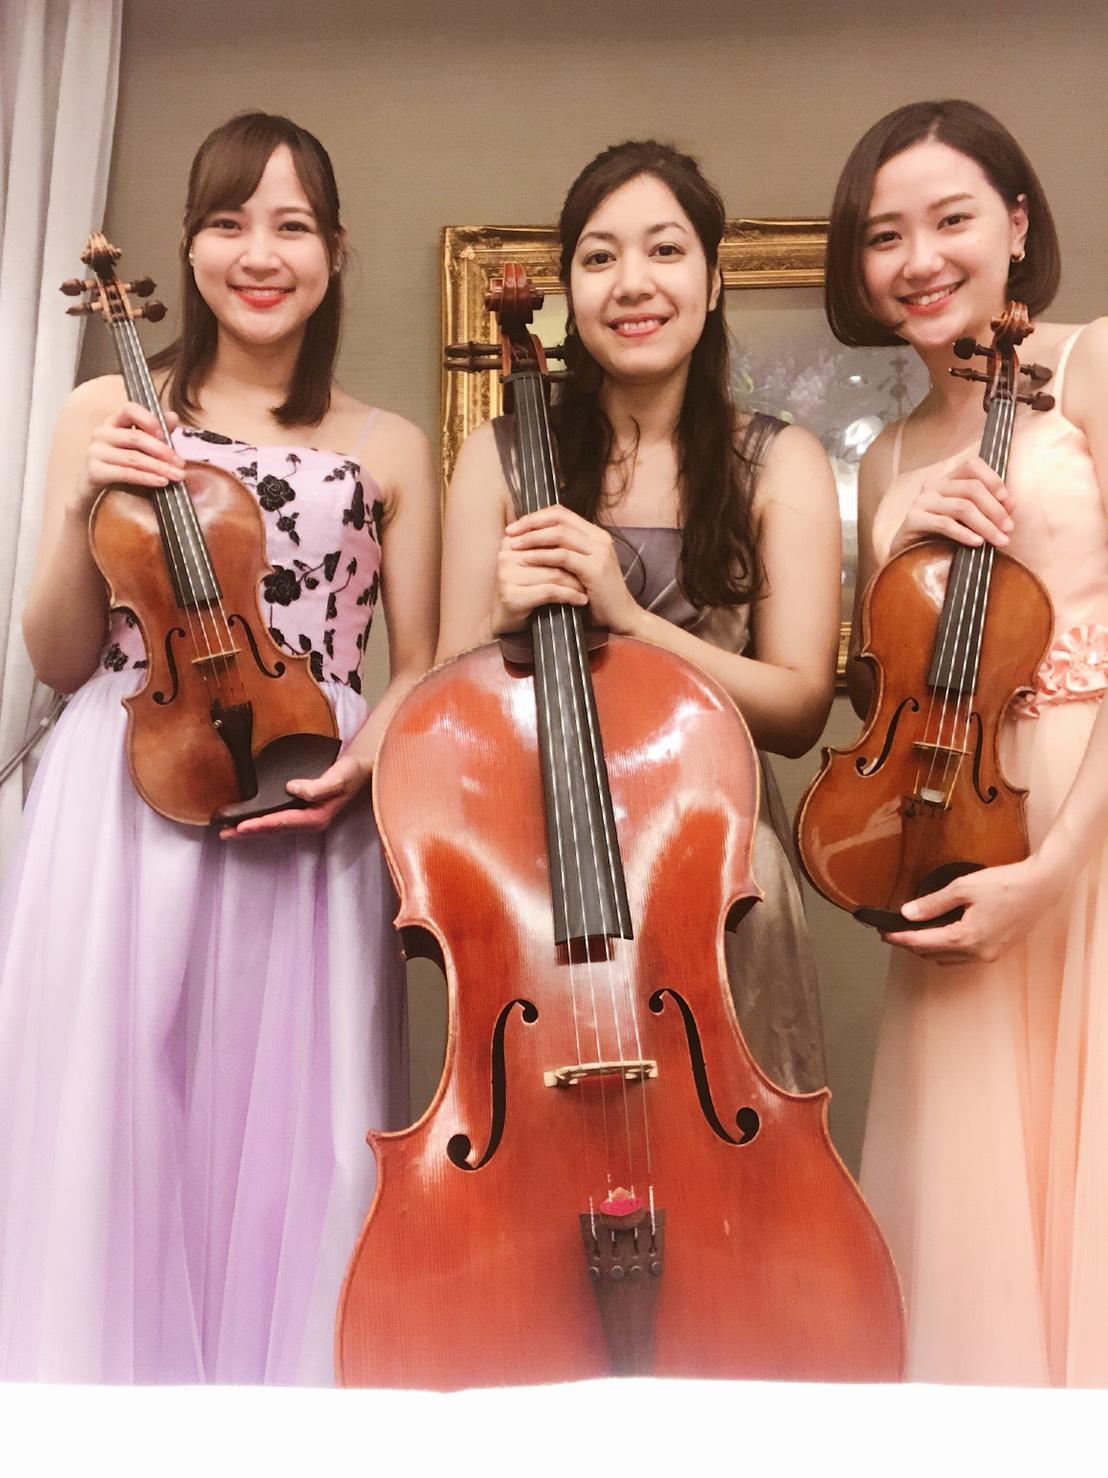 クラシック三重奏は、省スペースでも演奏でき人気があります